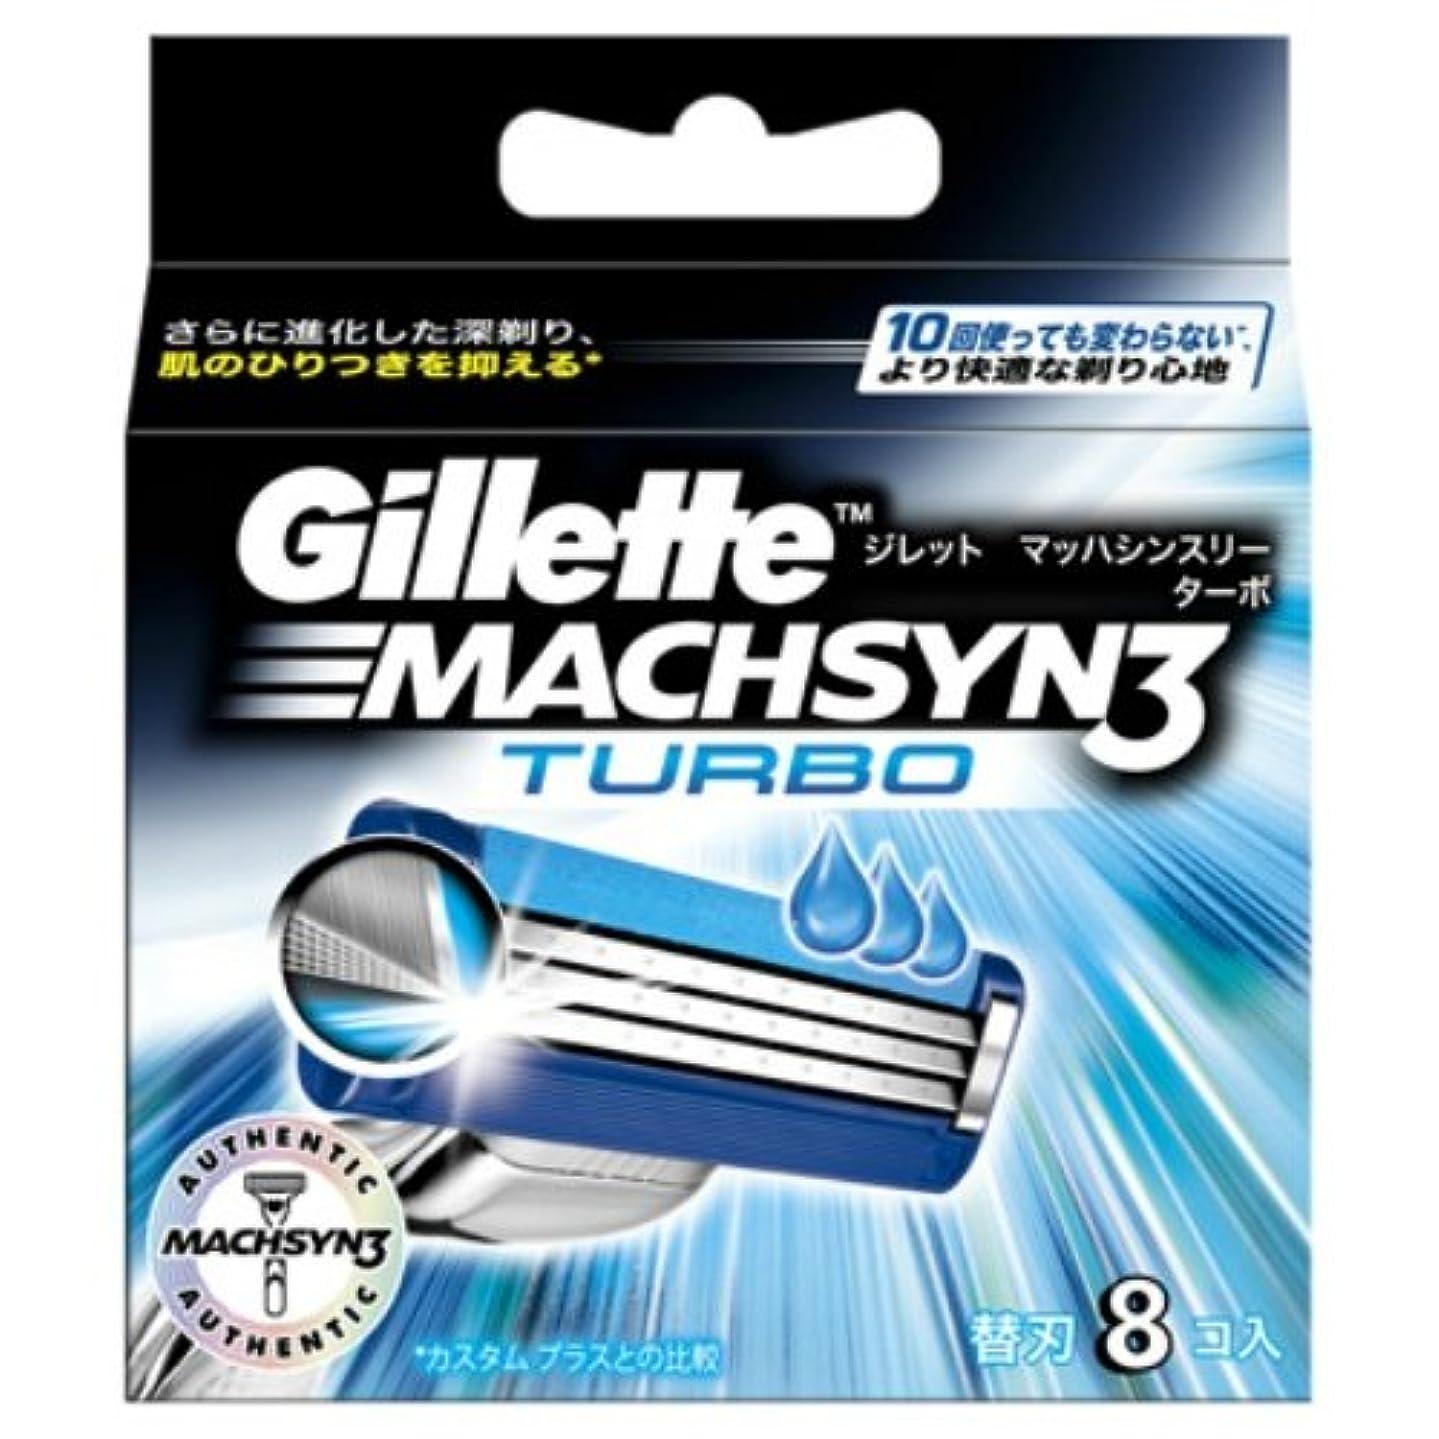 とティーム記憶に残る拮抗するジレット マッハシンスリーターボ 替刃 8B × 5個セット